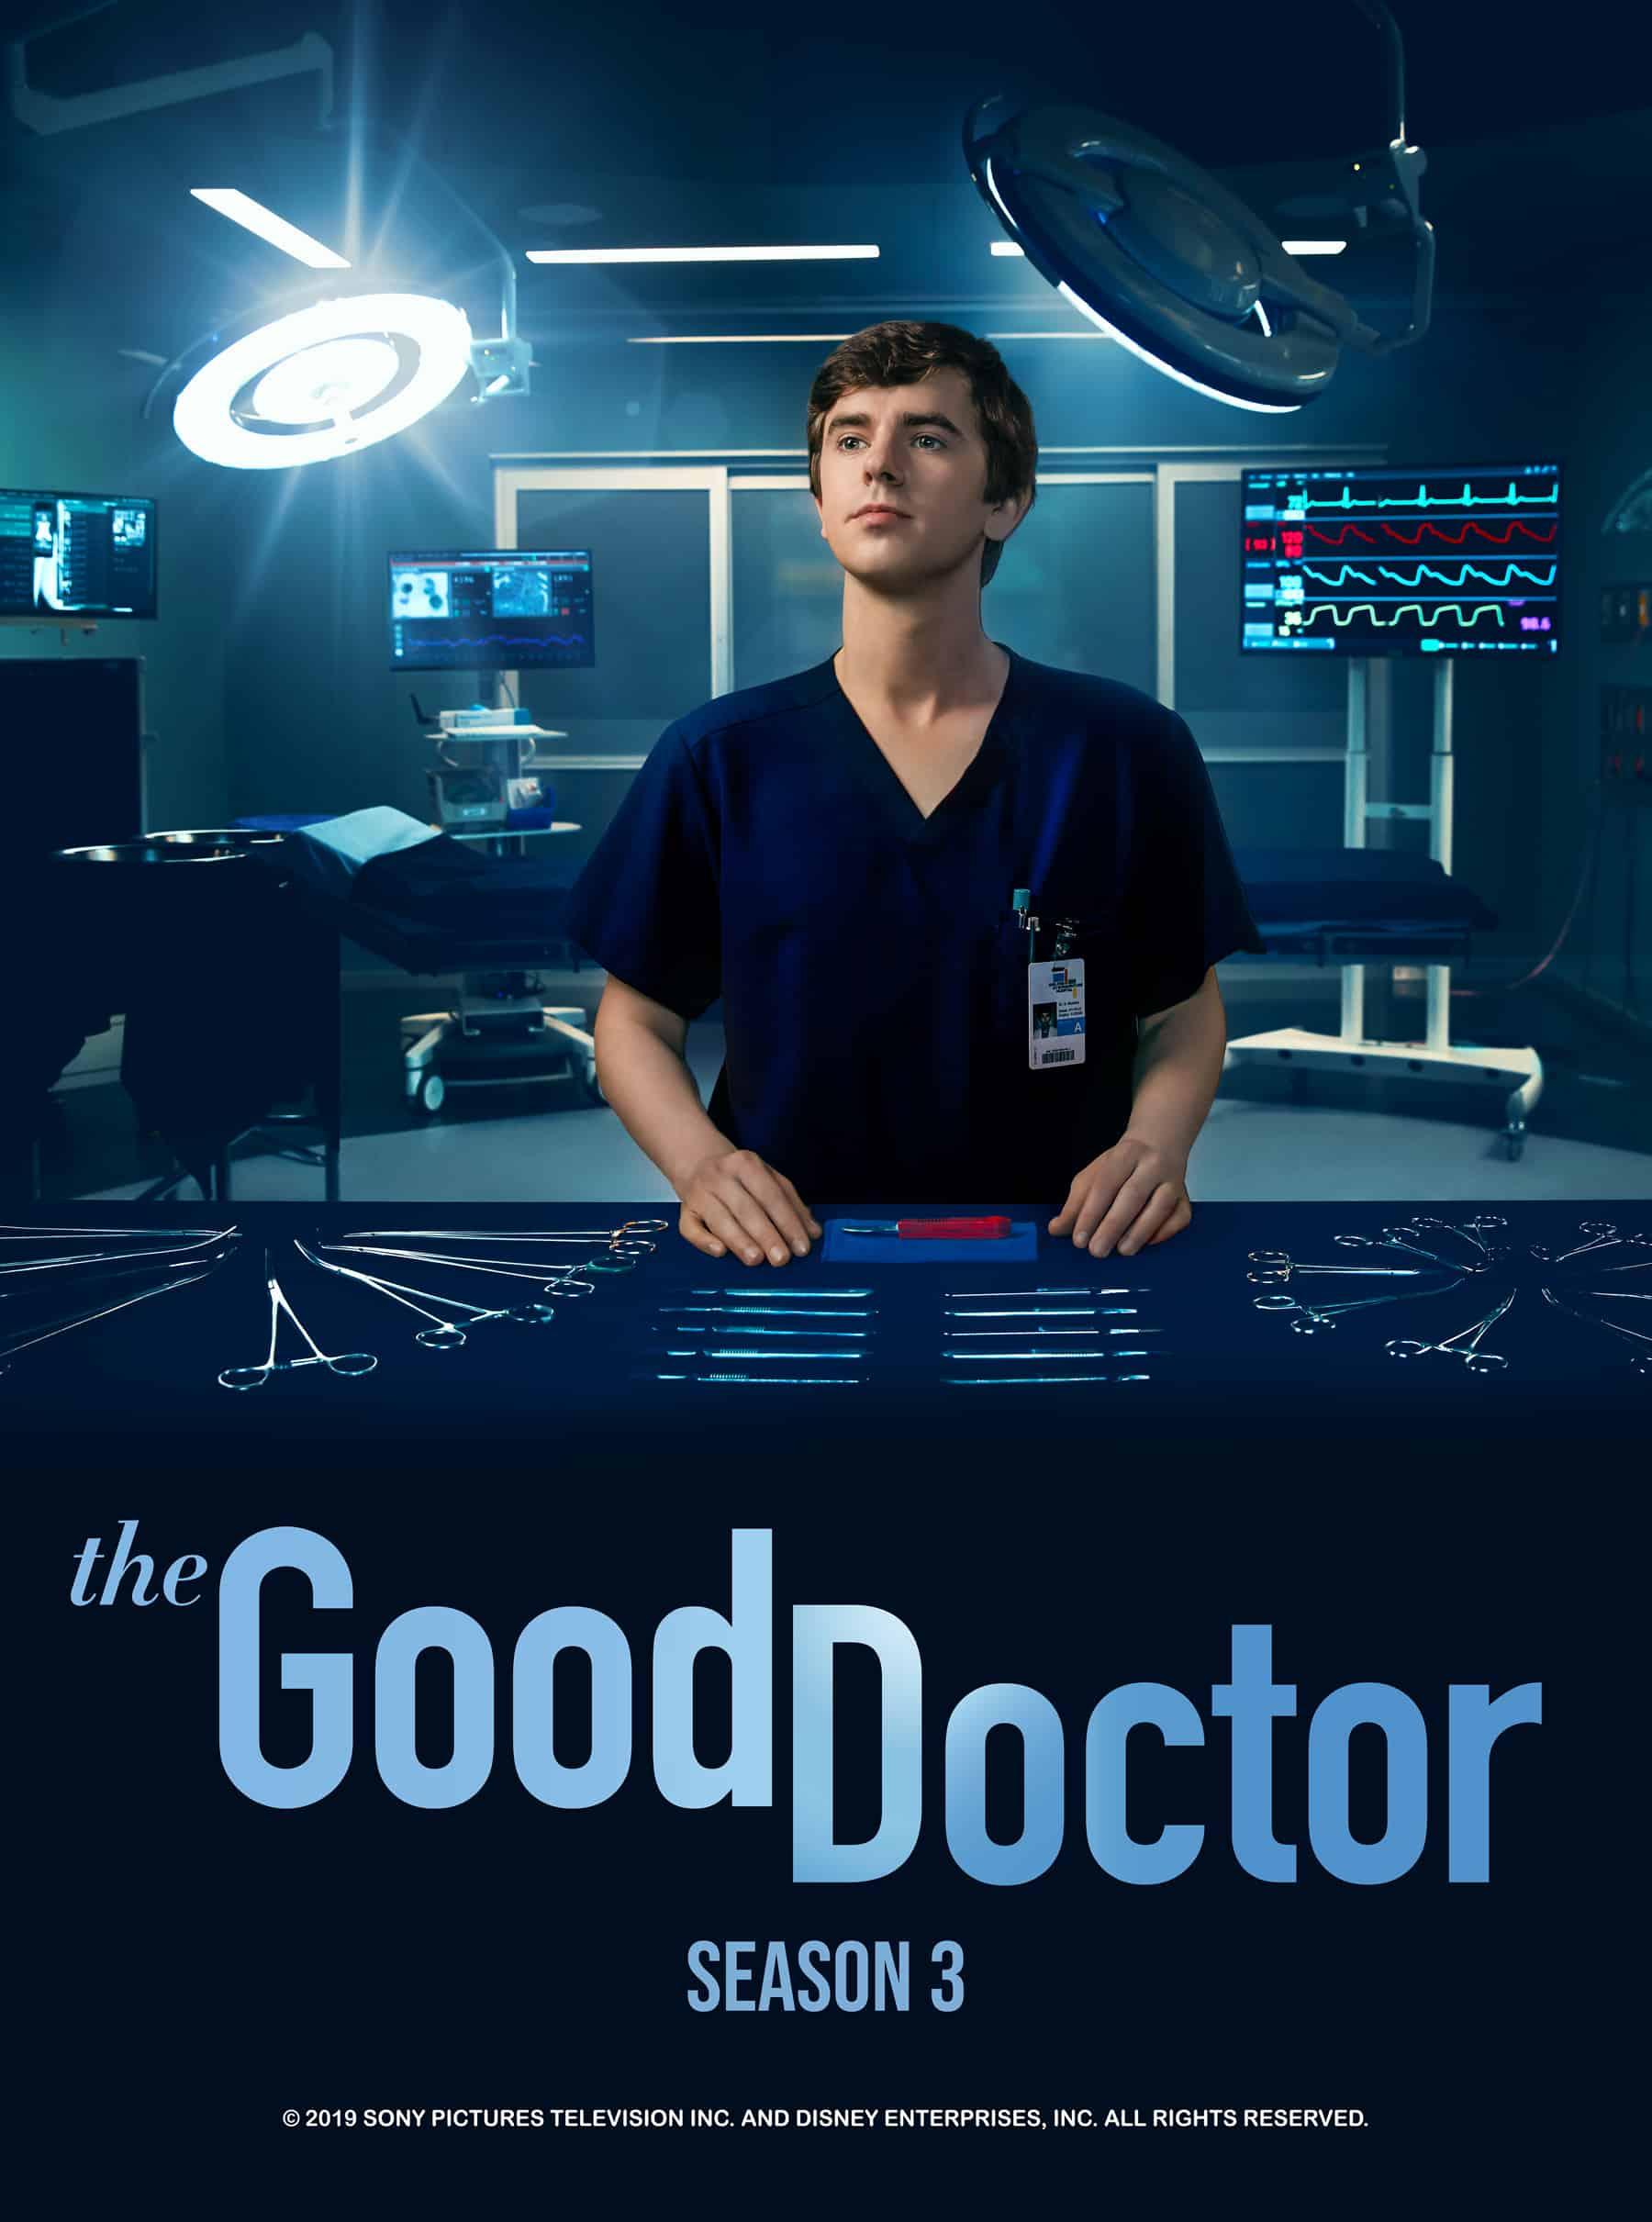 ดูหนังออนไลน์ฟรี The Good Doctor Season 3 (2019) Episode 20 I Love You END เดอะ กู๊ด ด๊อกเตอร์ ซีซั่่น 3 ตอนที่ 20 ตอนจบ